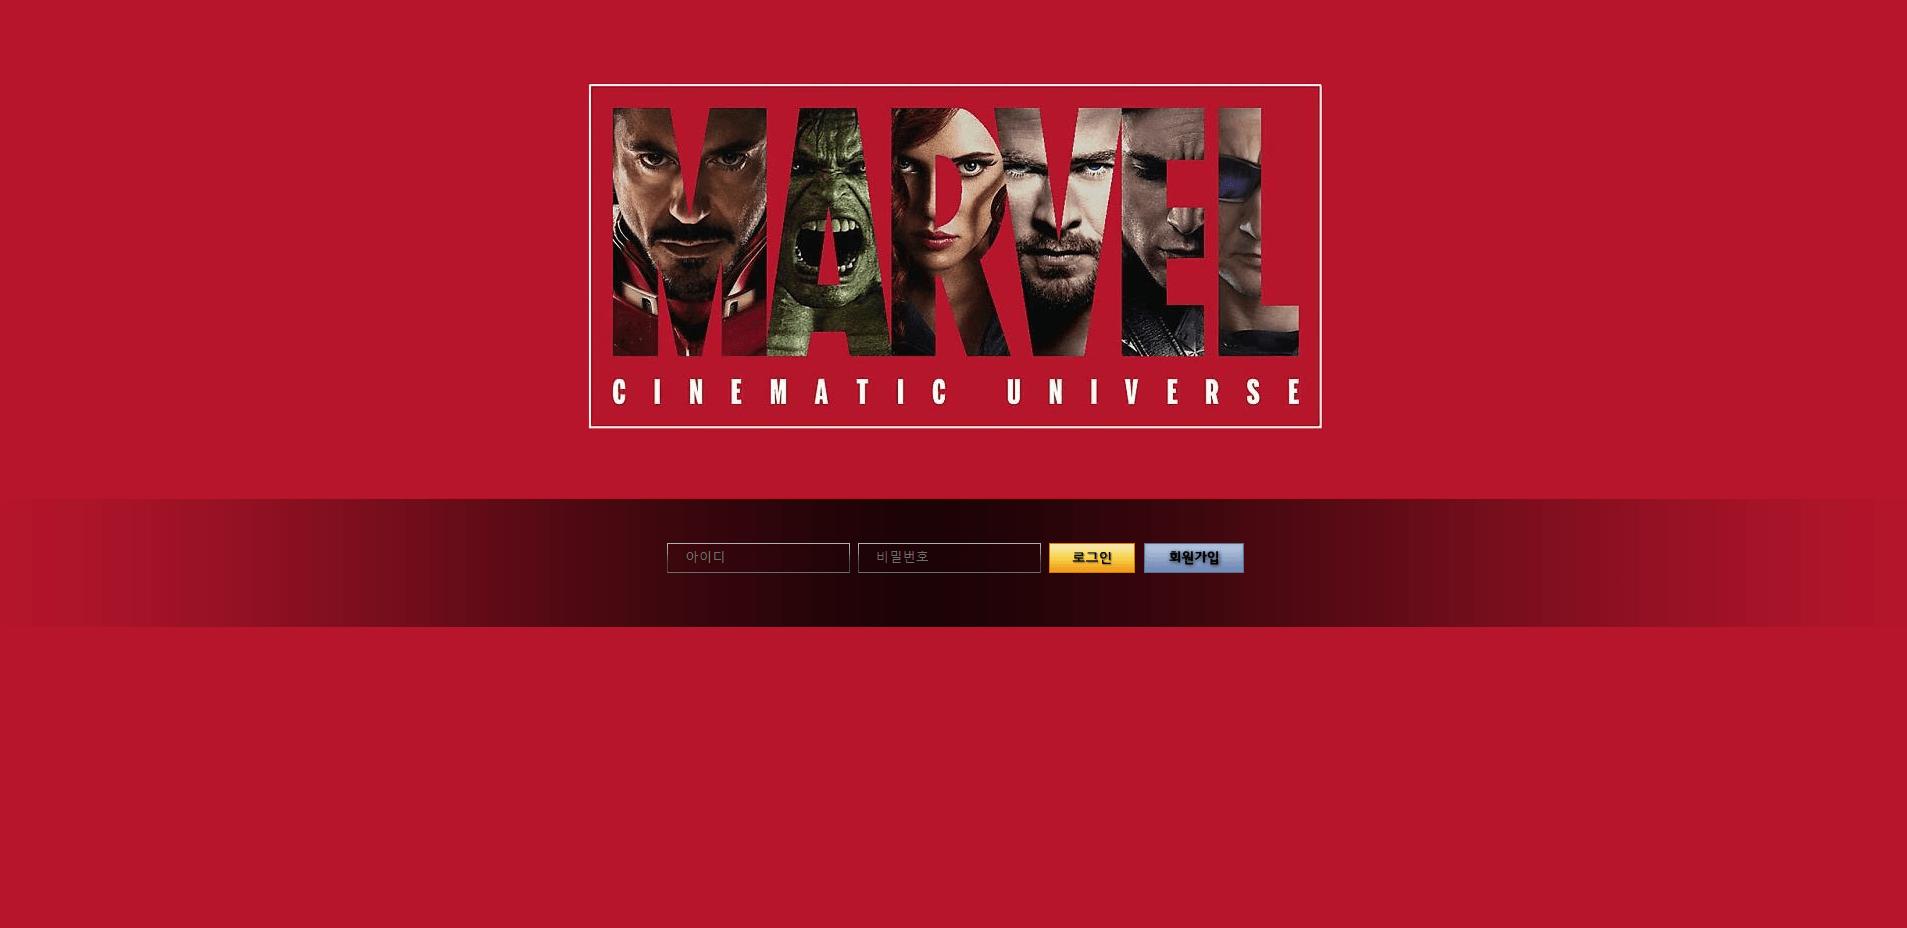 [먹튀검증]마블(Marvel) marvel-st7145.com 먹튀사이트 확정 토토사이트 먹튀검증업체 토토안내소